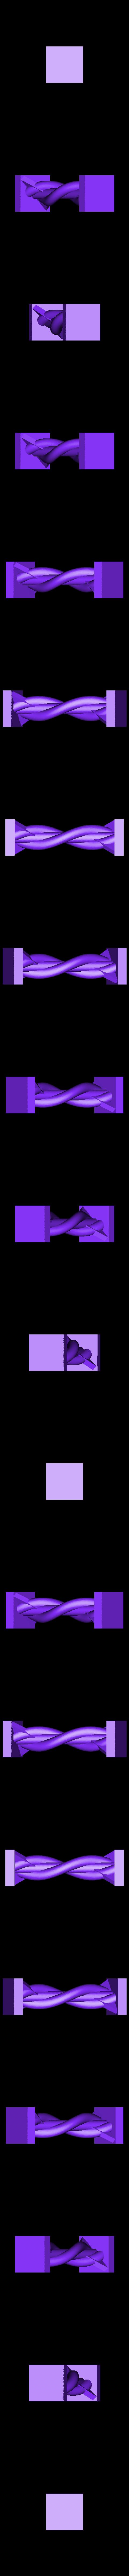 Pillar1_a.stl Download free SCAD file Dual color D&D Pillar • 3D print object, Urukog